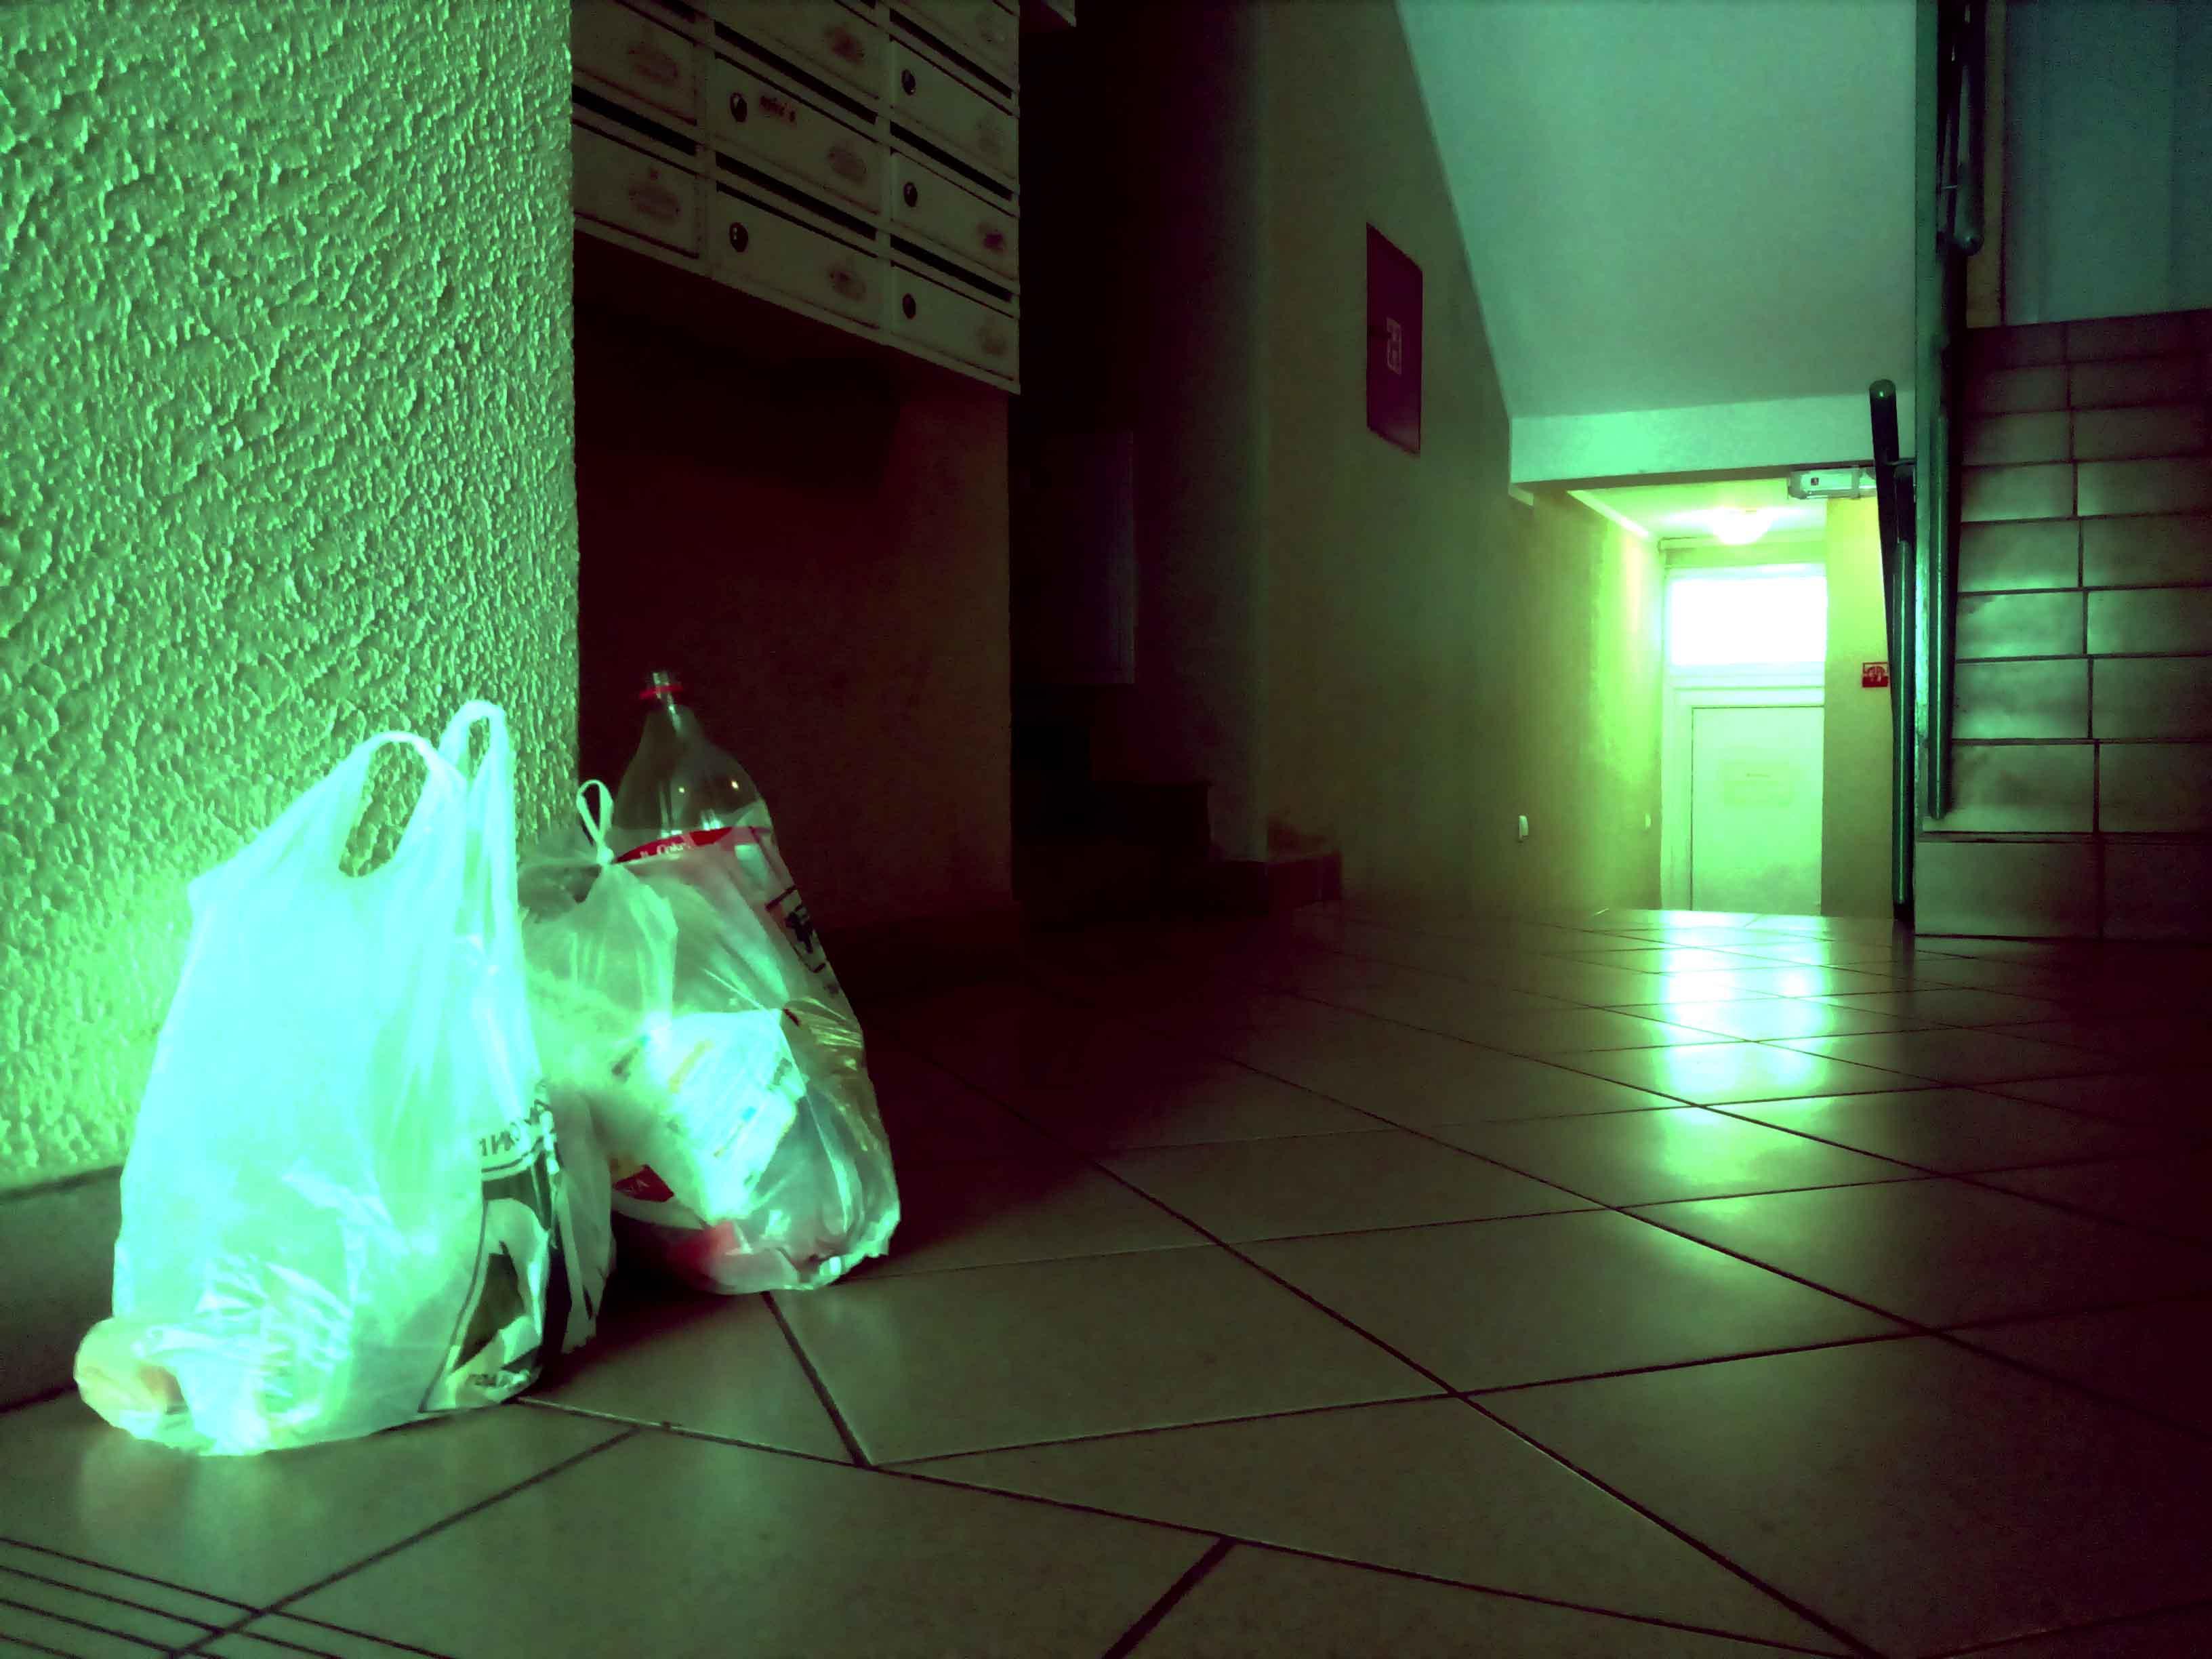 crveni-flajer-za-gospođa-isaković-dotkom-ulaz-smeće